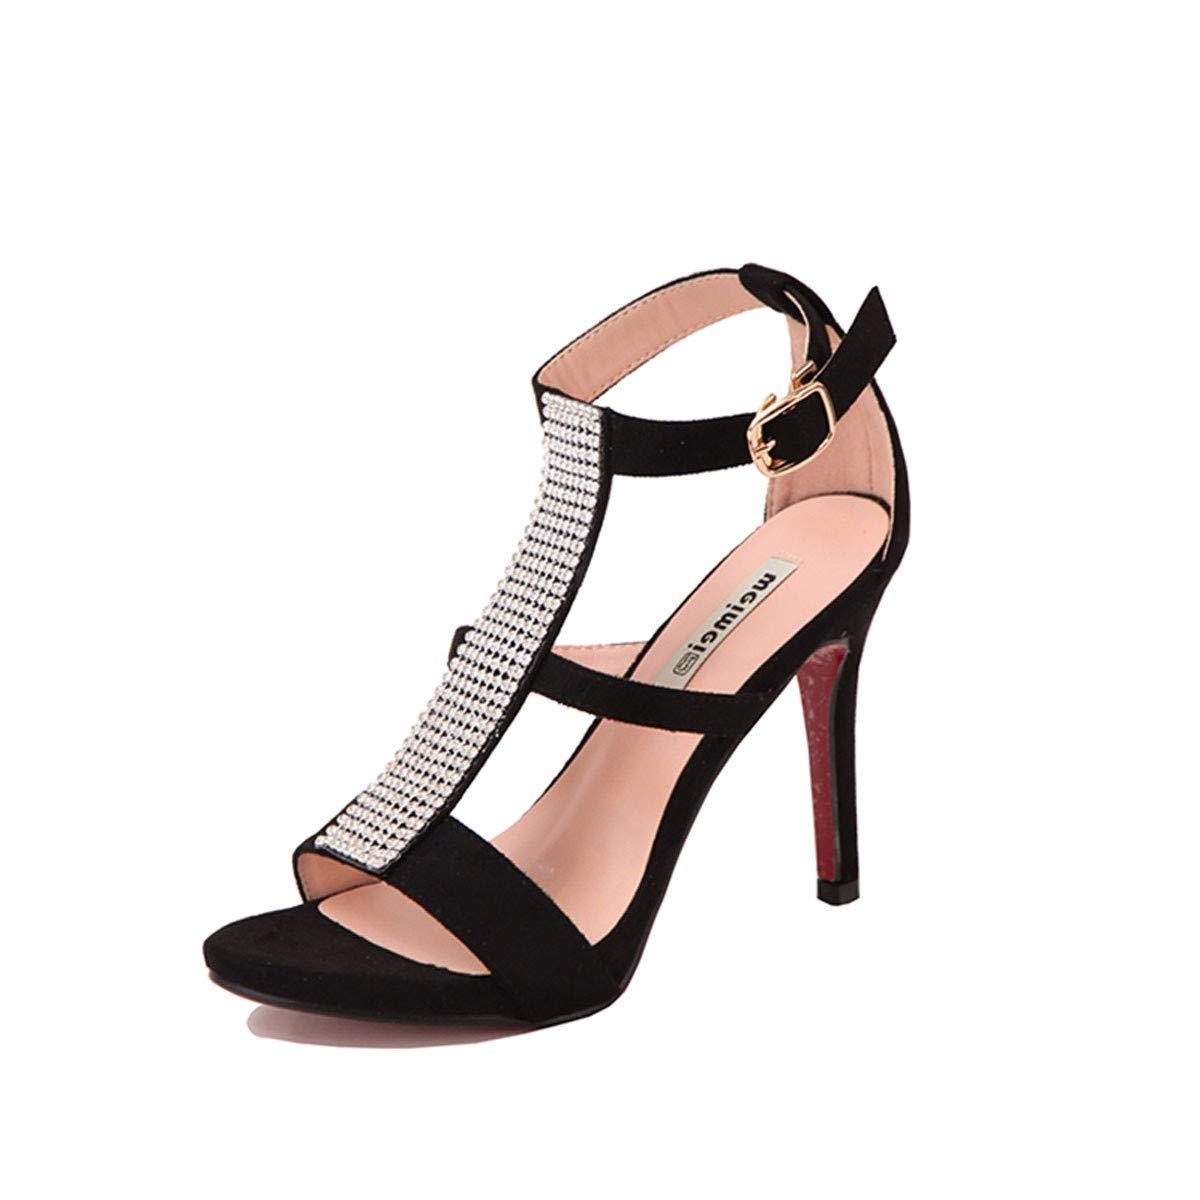 KOKQSX-Sandalias de Verano Sexy Diamante Tacon Fino Zapatos de Tacon Alto  9cm Banquete.  Amazon.es  Deportes y aire libre 451d70483074